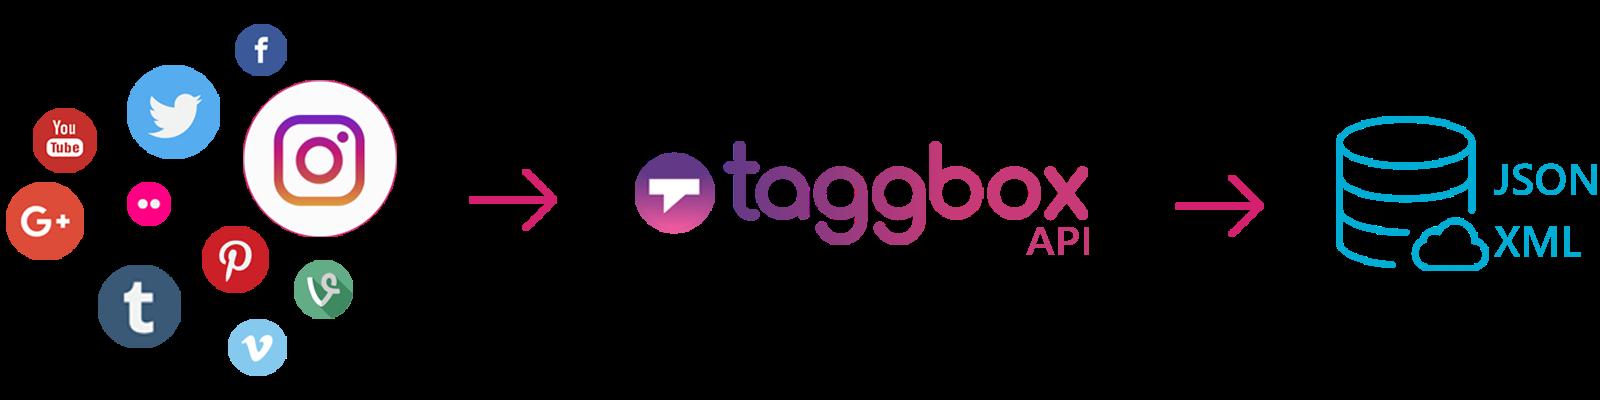 instagram aggregator tools